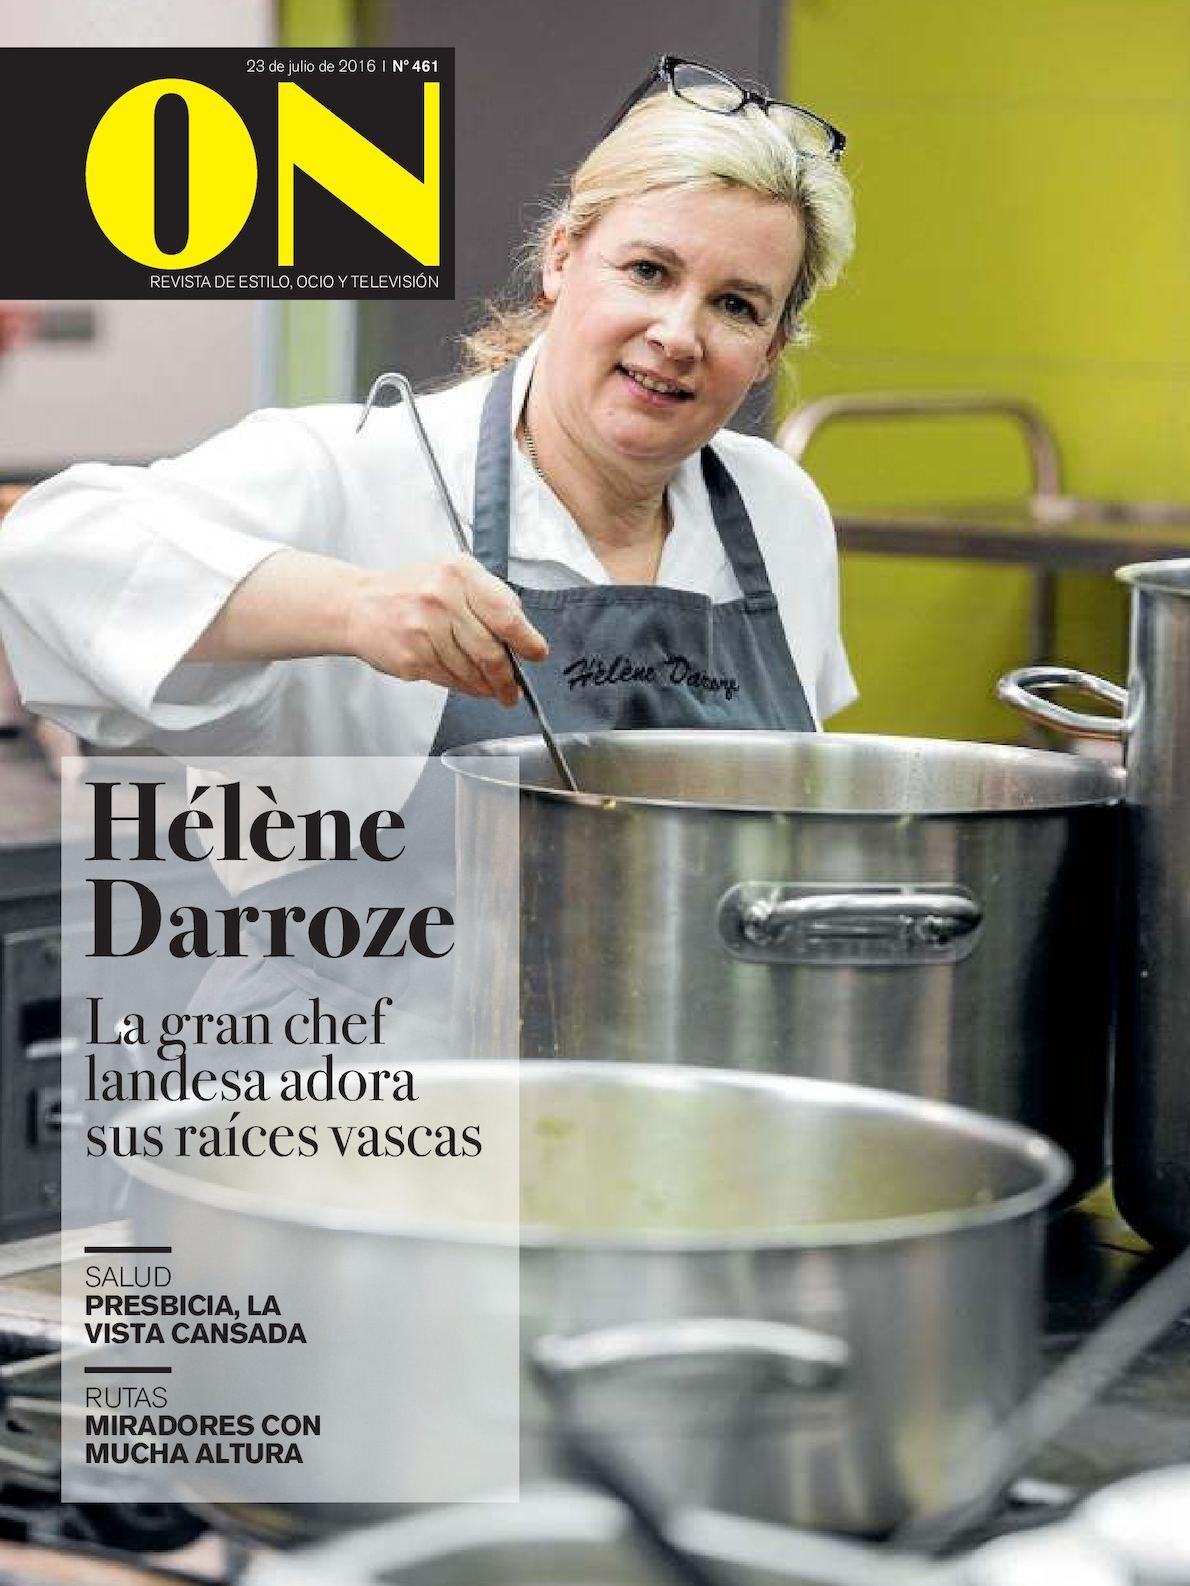 ON Revista de Ocio y Estilo 20160723